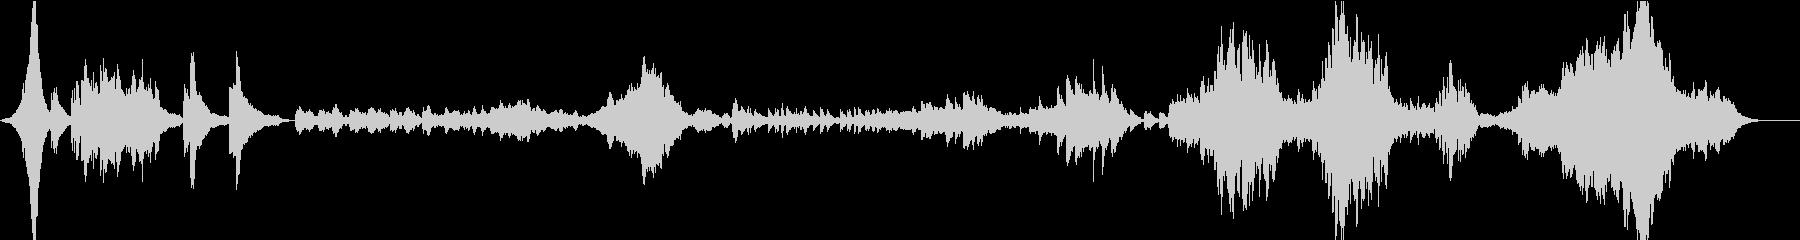 グリーグ/ピアノ協奏曲イ短調 の未再生の波形